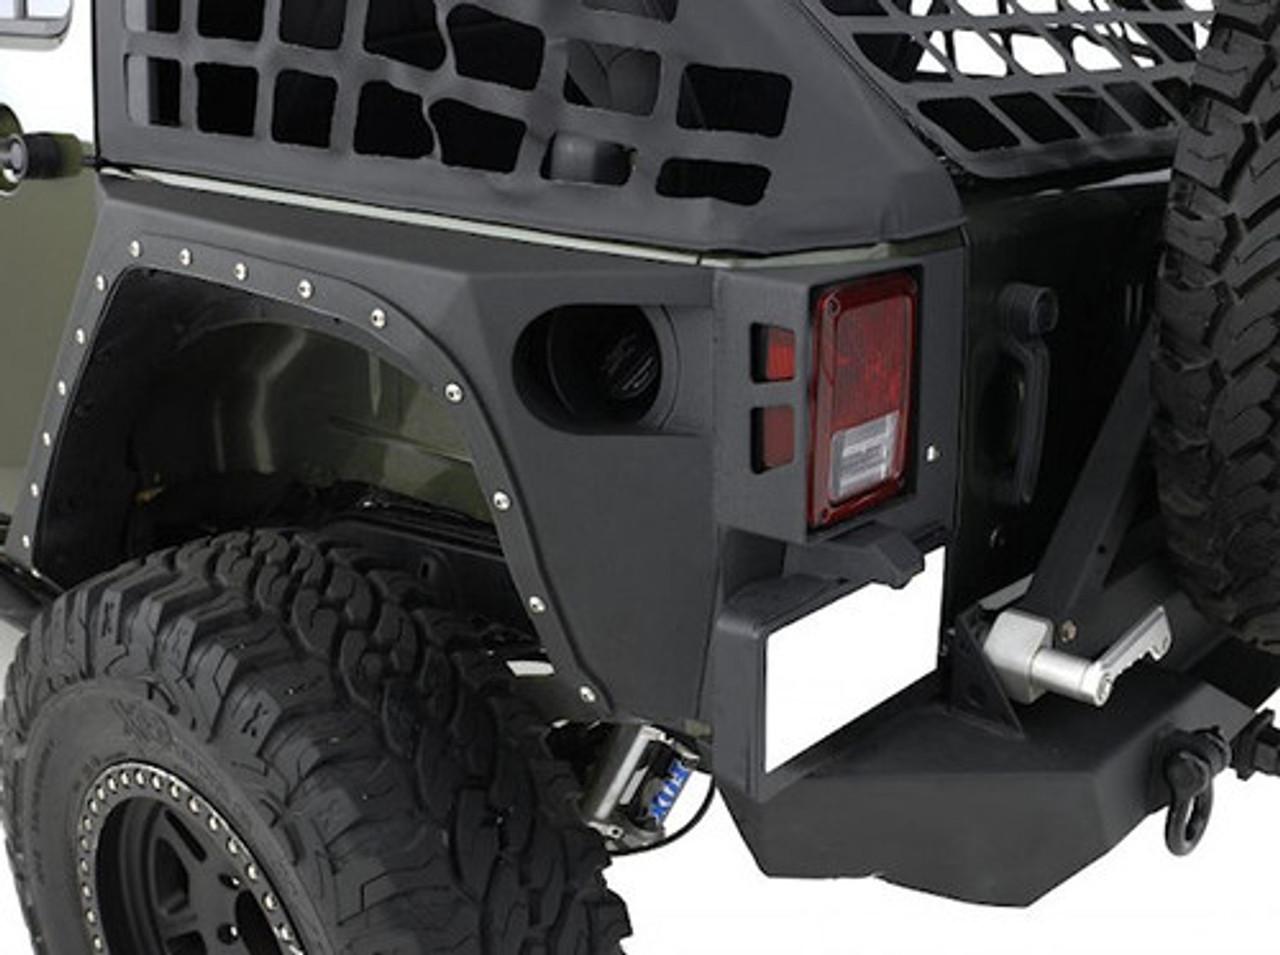 Smittybilt XRC Front and Rear Fender & Corner Armor Kit (Wrangler JK 2007-2018)